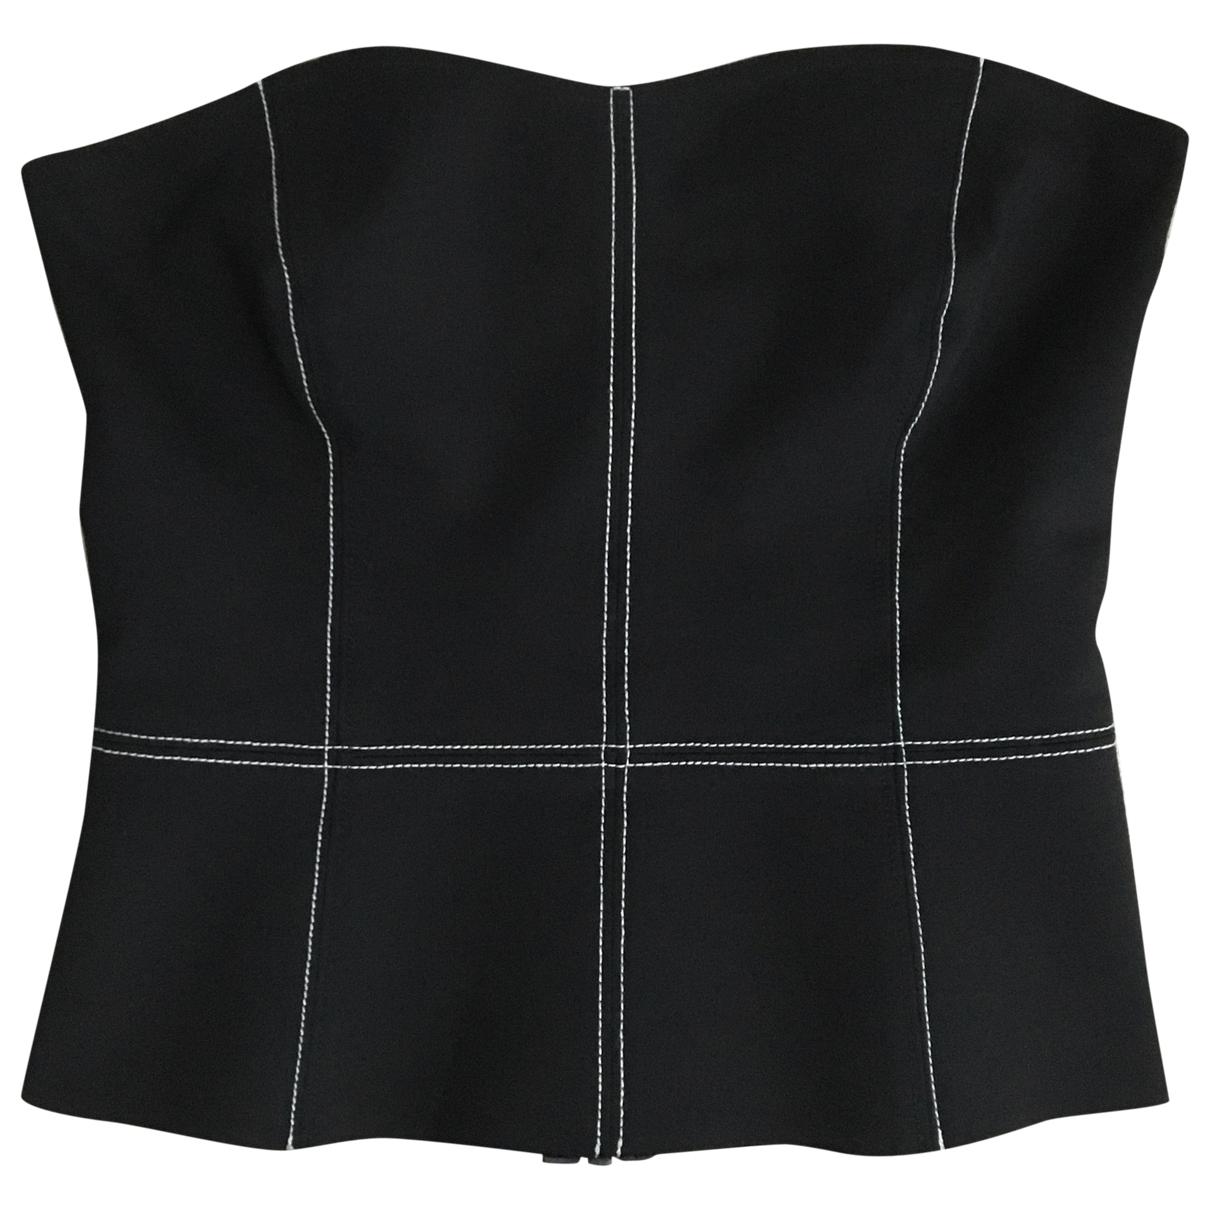 Finery - Top   pour femme - noir